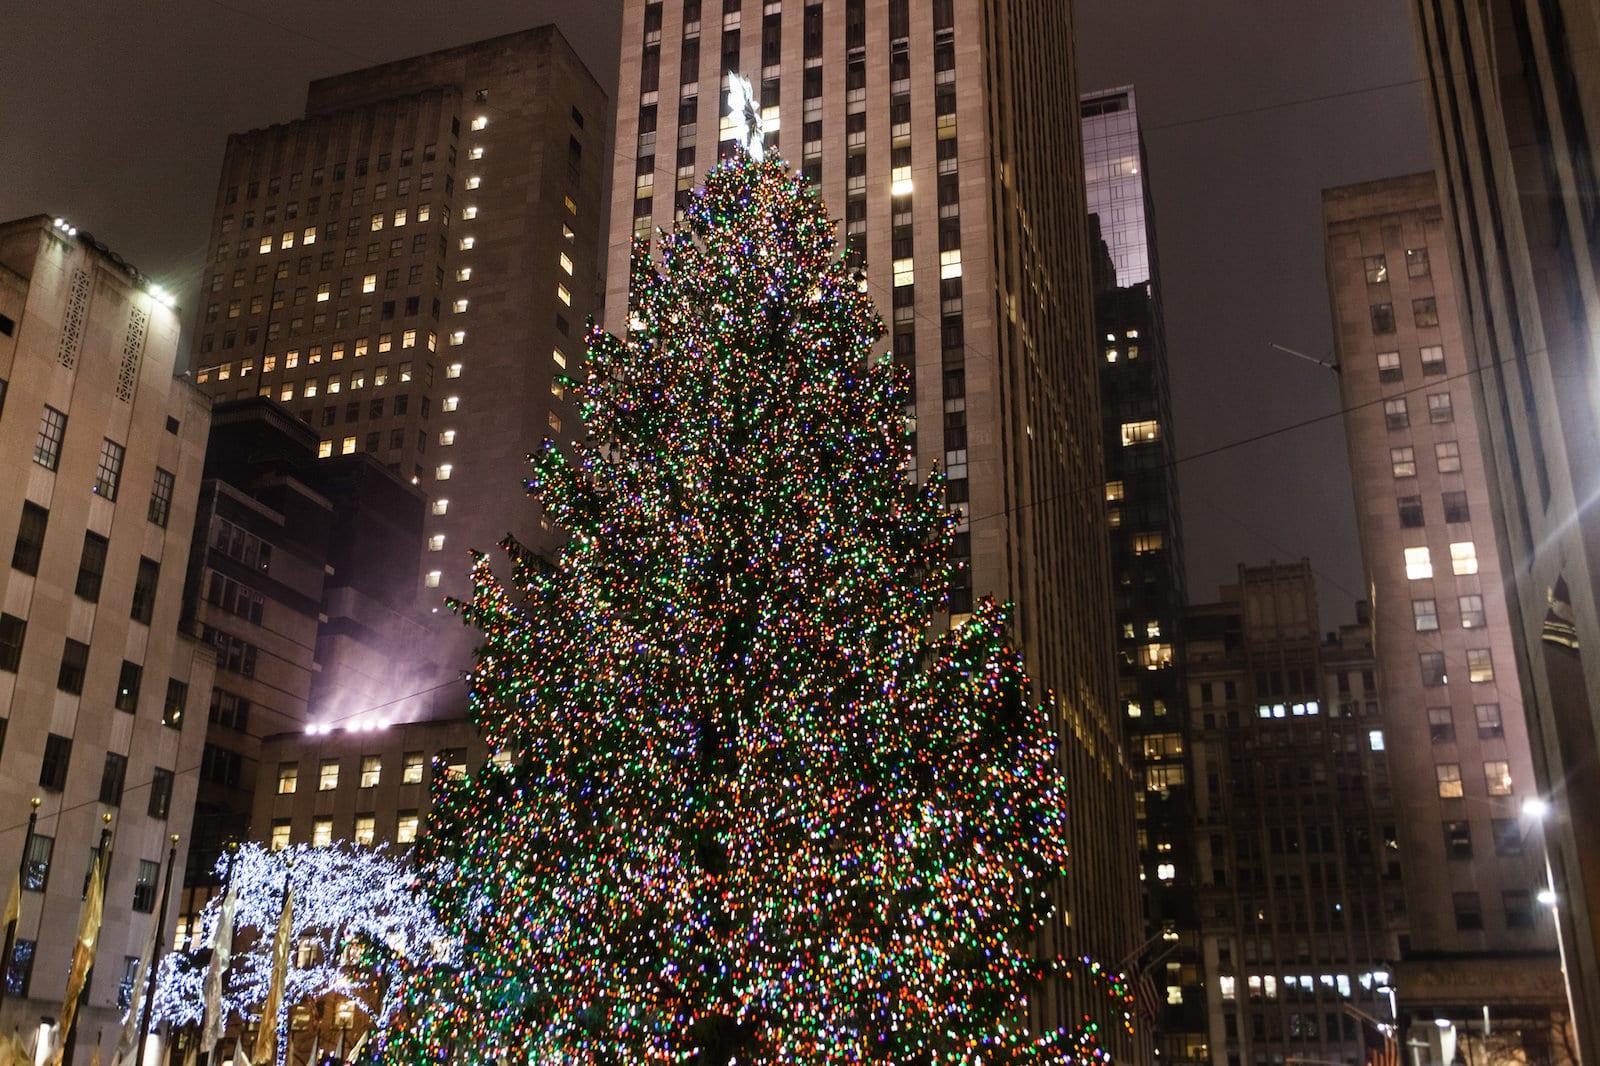 Die besten aktivit ten zu weihnachten in new york loving new york - Weihnachtsbaum rockefeller center ...